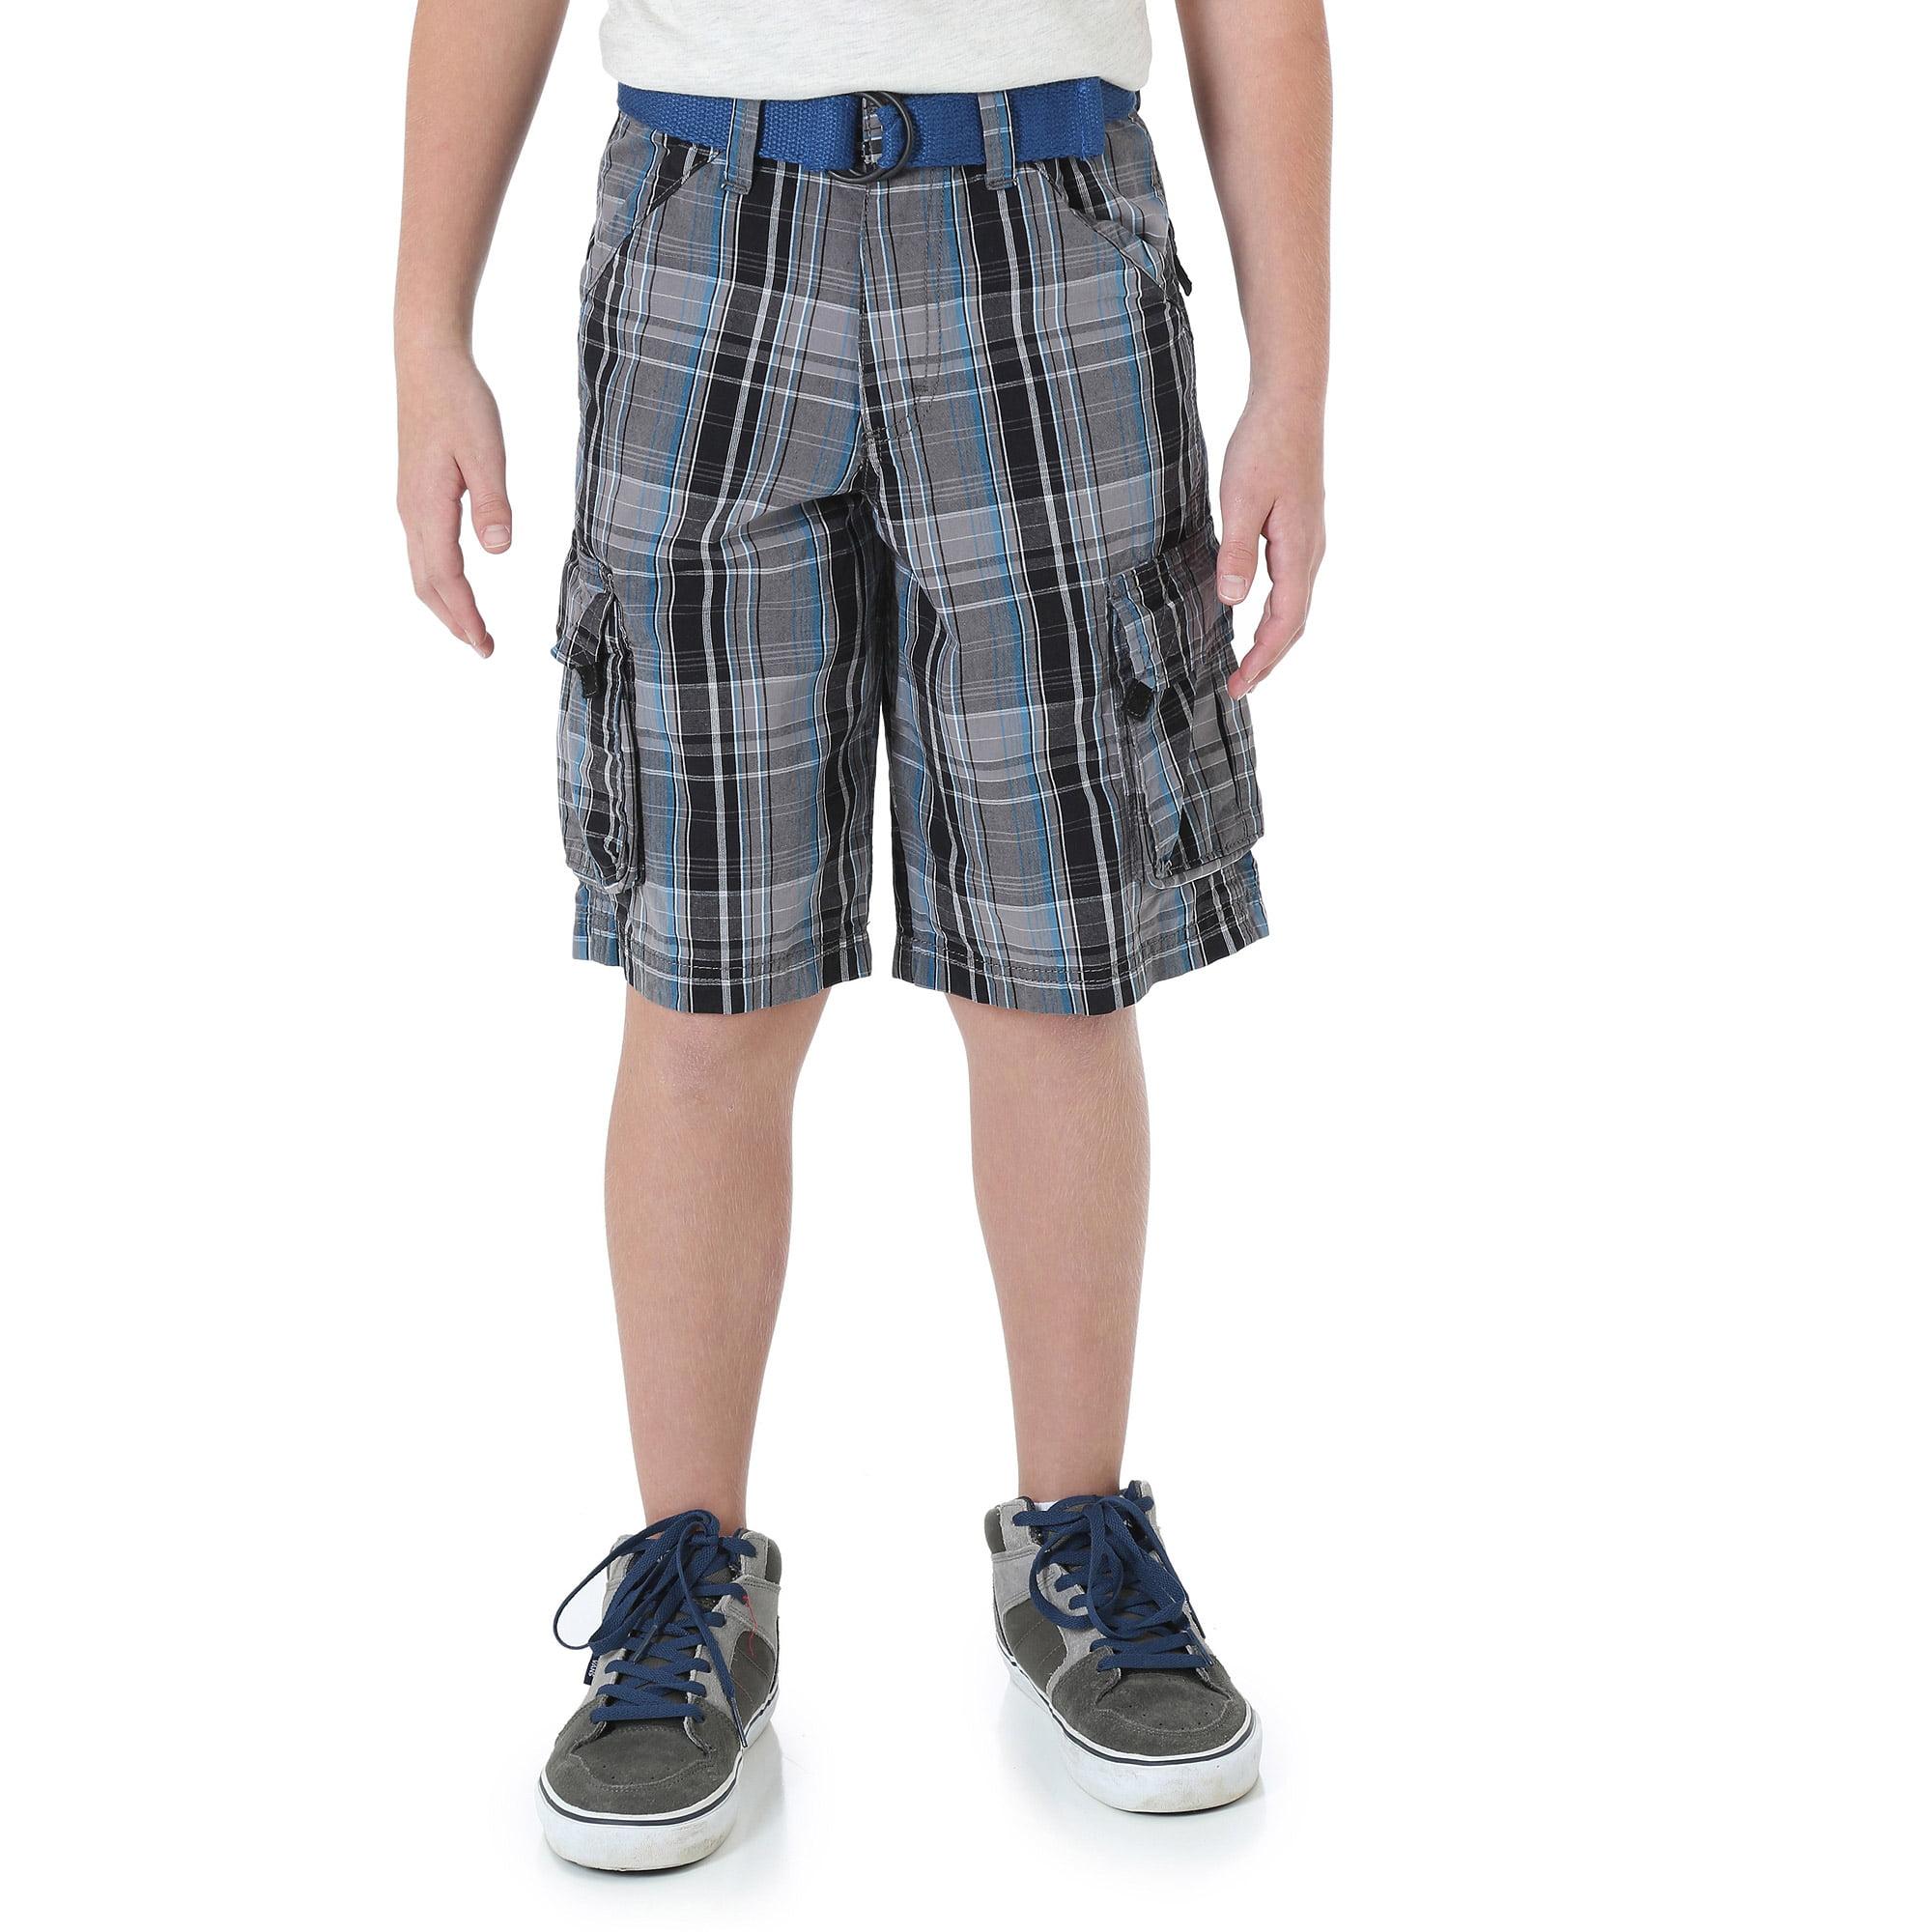 Wrangler Boys' Fashion Plaid Cargo Short